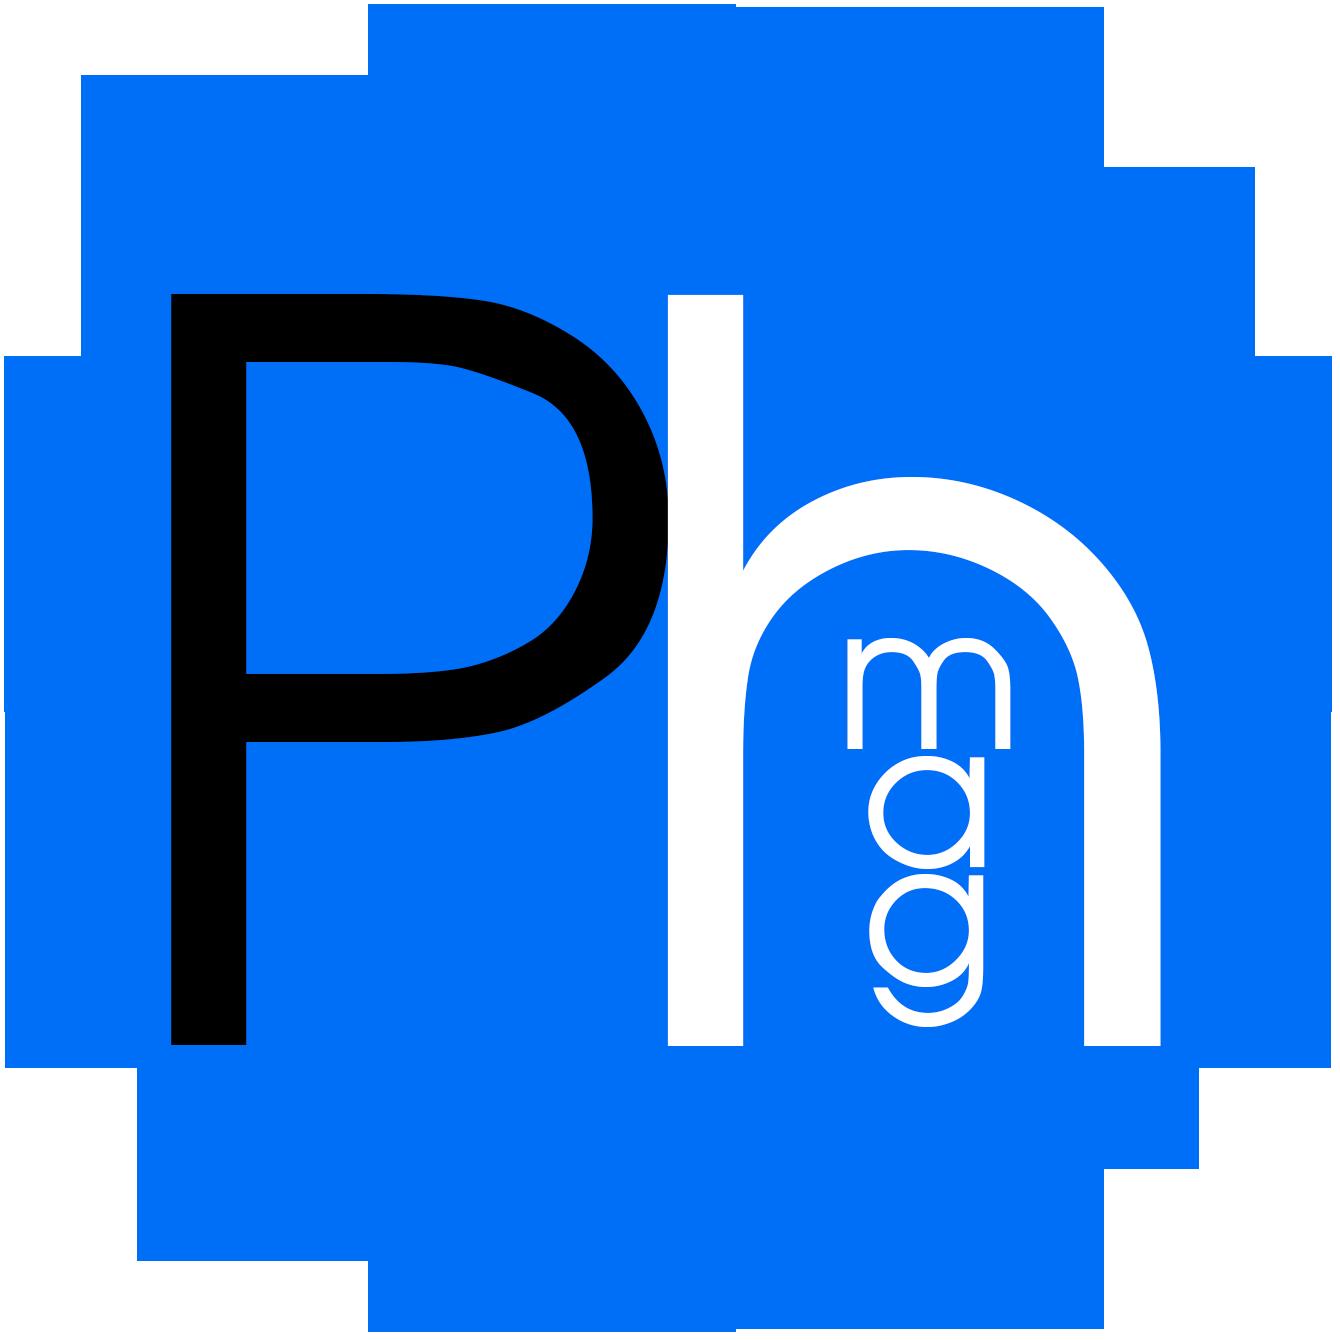 phmag-favicon